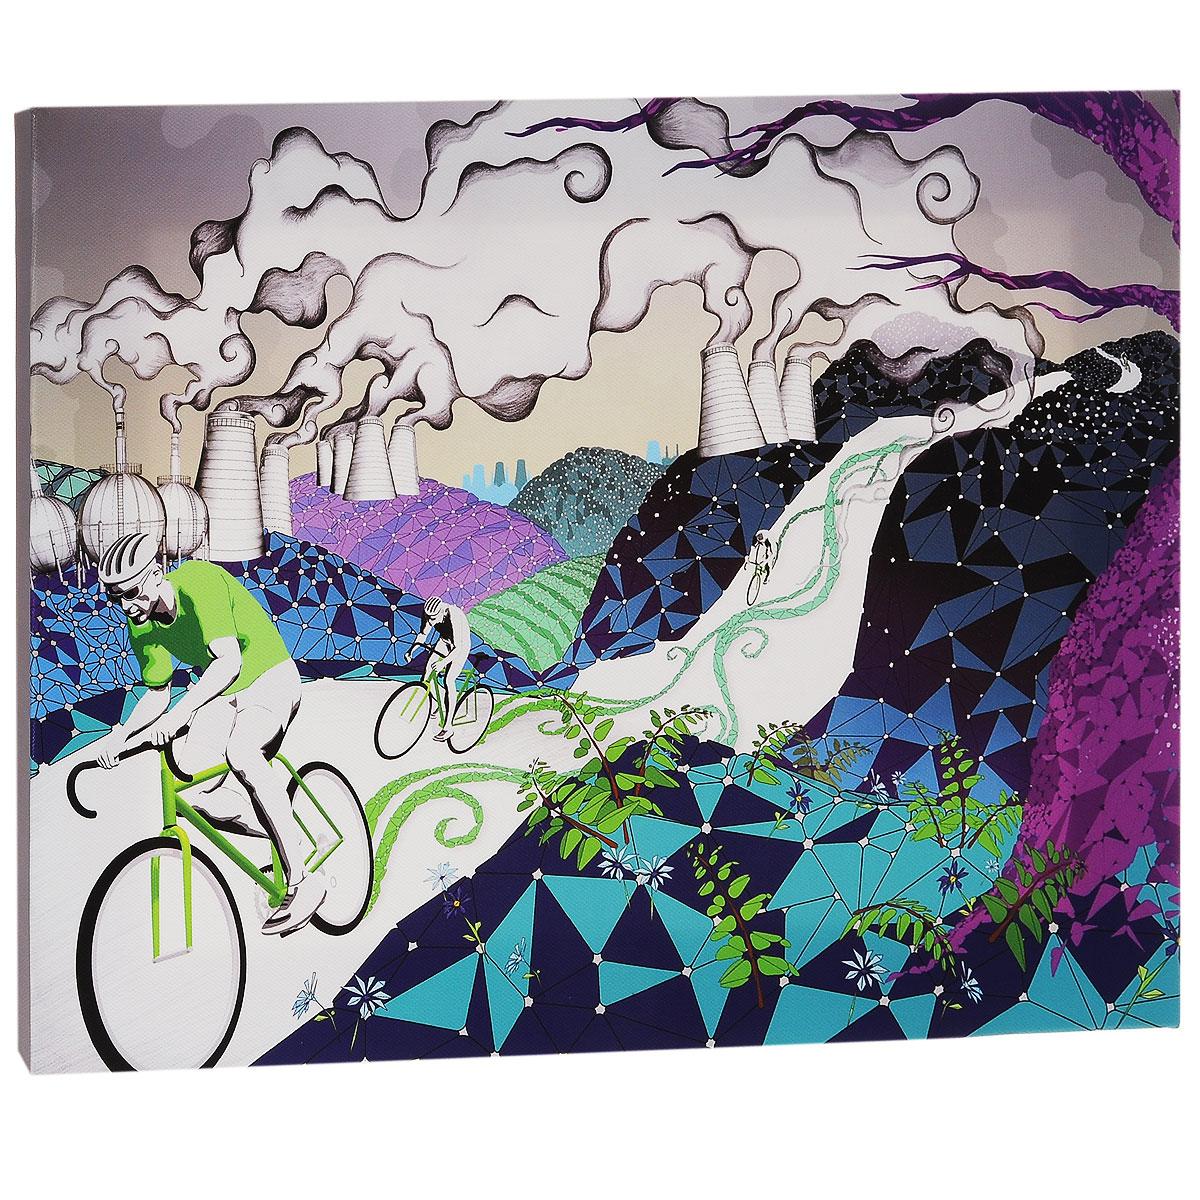 КвикДекор Картина на холсте Велосипеды, 40 см х 30 смAP-00666-21499-Cn4030Картина на холсте КвикДекор Велосипеды - это прекрасное украшение для вашей гостиной или спальни. Она привнесет в интерьер яркий акцент и сделает обстановку комфортной и уютной. A.k.A - лондонская студия-бутик, включающая в себя творческую группу художников, которые часто работают в тесном сотрудничестве друг с другом. Их работы были отмечены по всему миру для таких крупных компаний, как Dreamworks, Pepsi, Random House, Ford, Avia, Mazda, Future, TIME, Phillip Morris, Bacardi и многие другие. Студия A.k.A была даже номинирована на Оскар, как независимая студия анимации в Лондоне. Их работы создаются с помощью сочетания фотографий, 3D-моделирования, обработки в Photoshop, традиционного ретуширования, рисунка карандашом, векторной графики и пера и чернил. Этот уникальный и многоплановый стиль делает студию A.k.A выдающейся. Работы художников-дизайнеров студии сразу бросаются в глаза и мало кого оставляют равнодушными. Картина на холсте КвикДекор Велосипеды не нуждается...